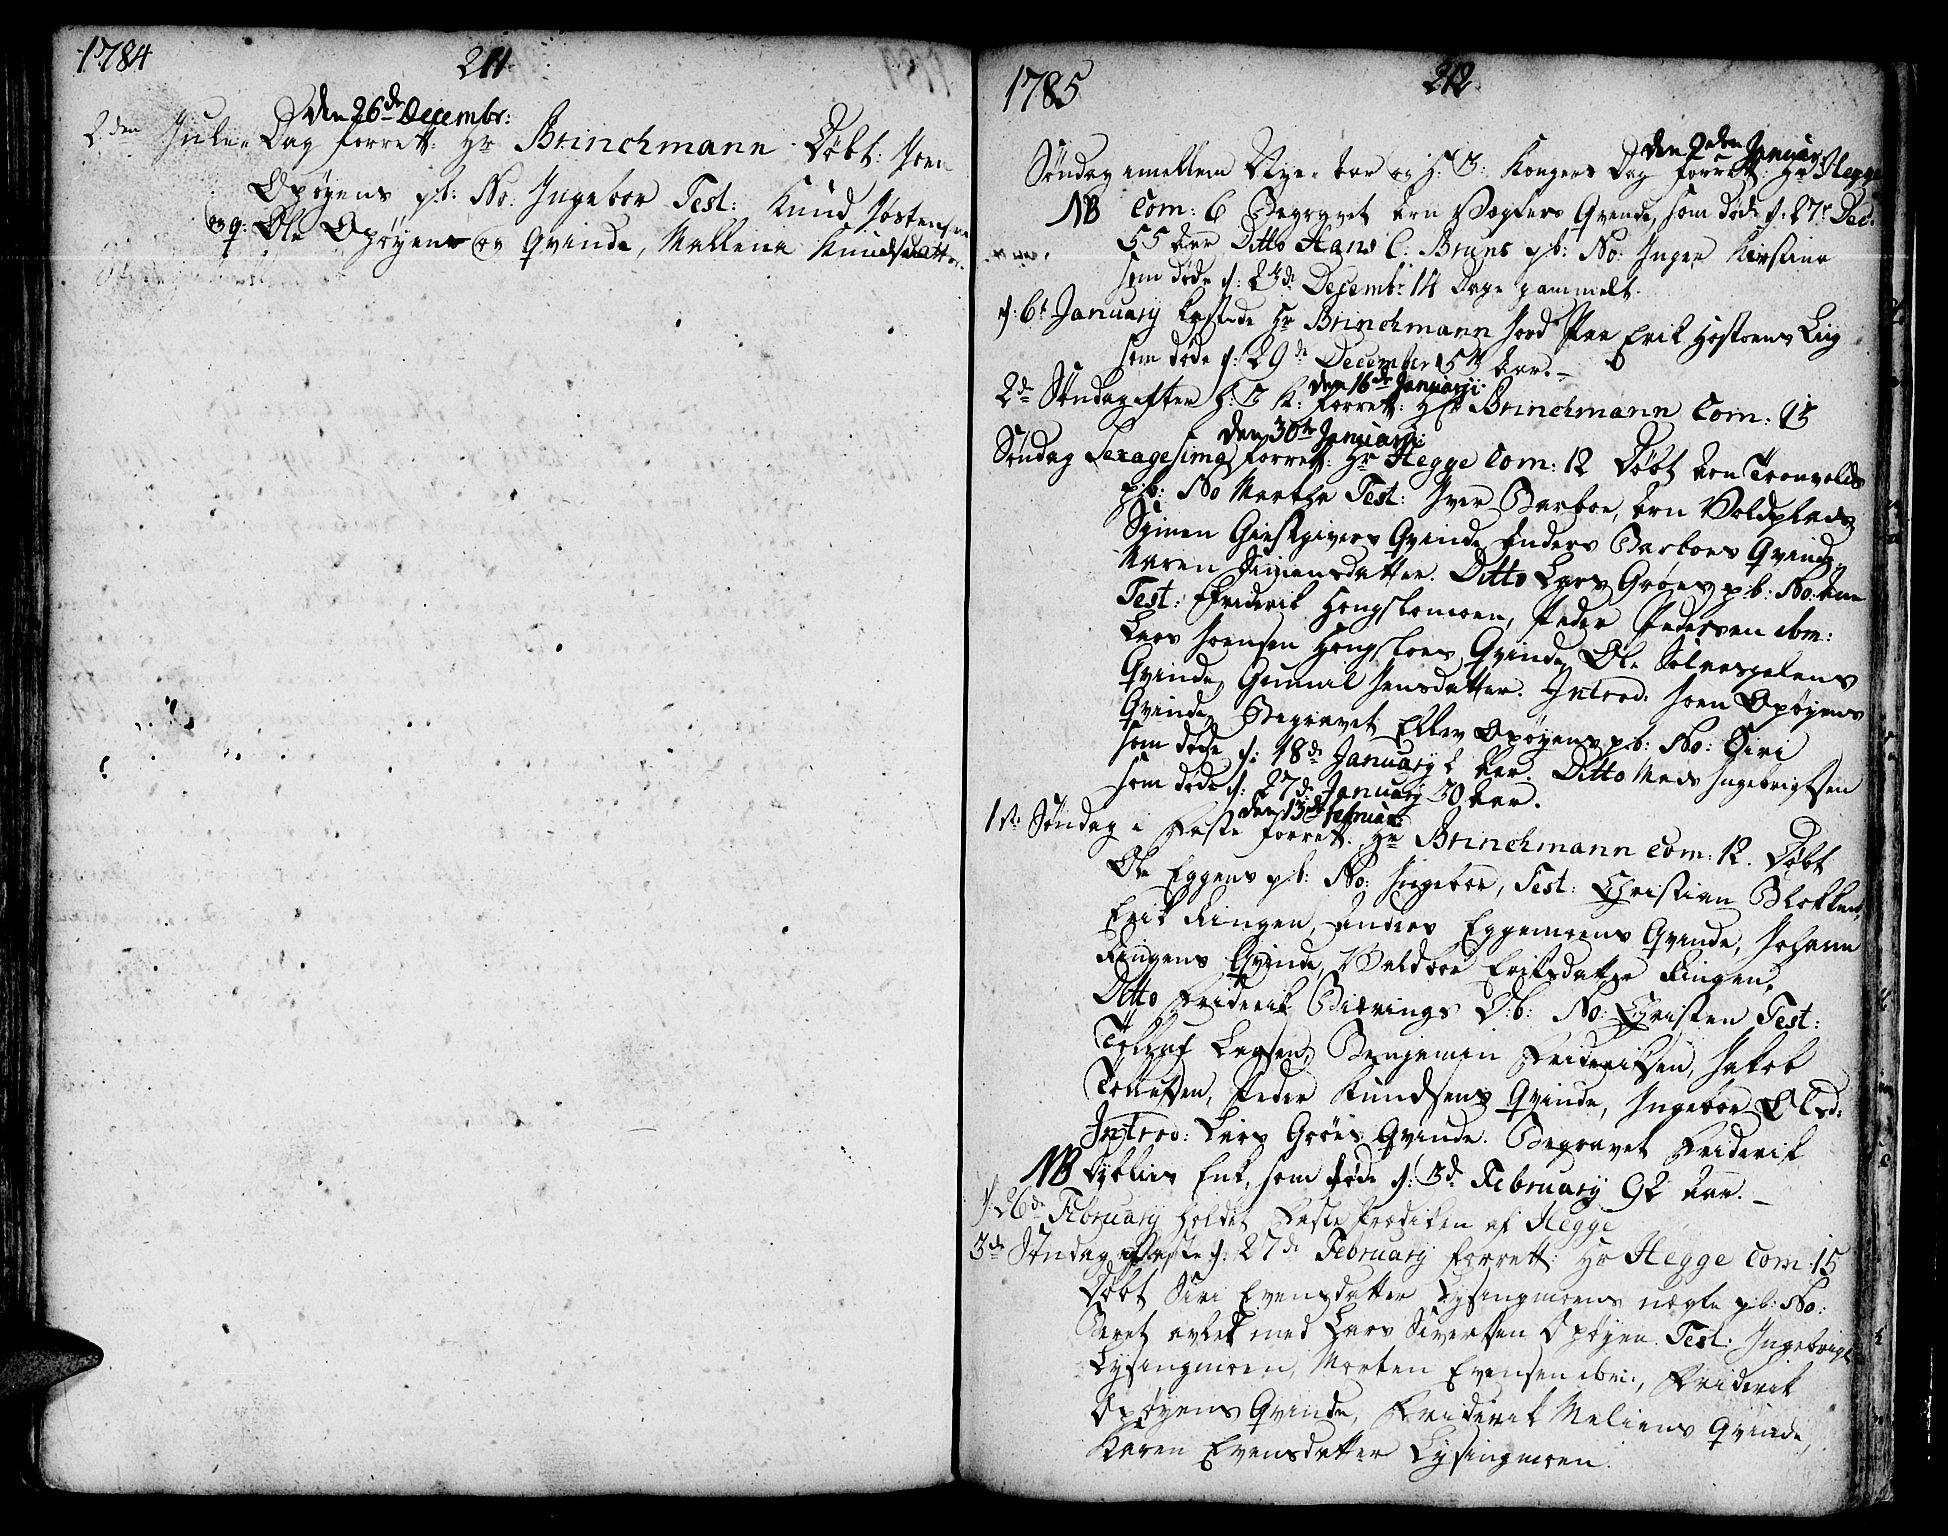 SAT, Ministerialprotokoller, klokkerbøker og fødselsregistre - Sør-Trøndelag, 671/L0840: Ministerialbok nr. 671A02, 1756-1794, s. 311-312